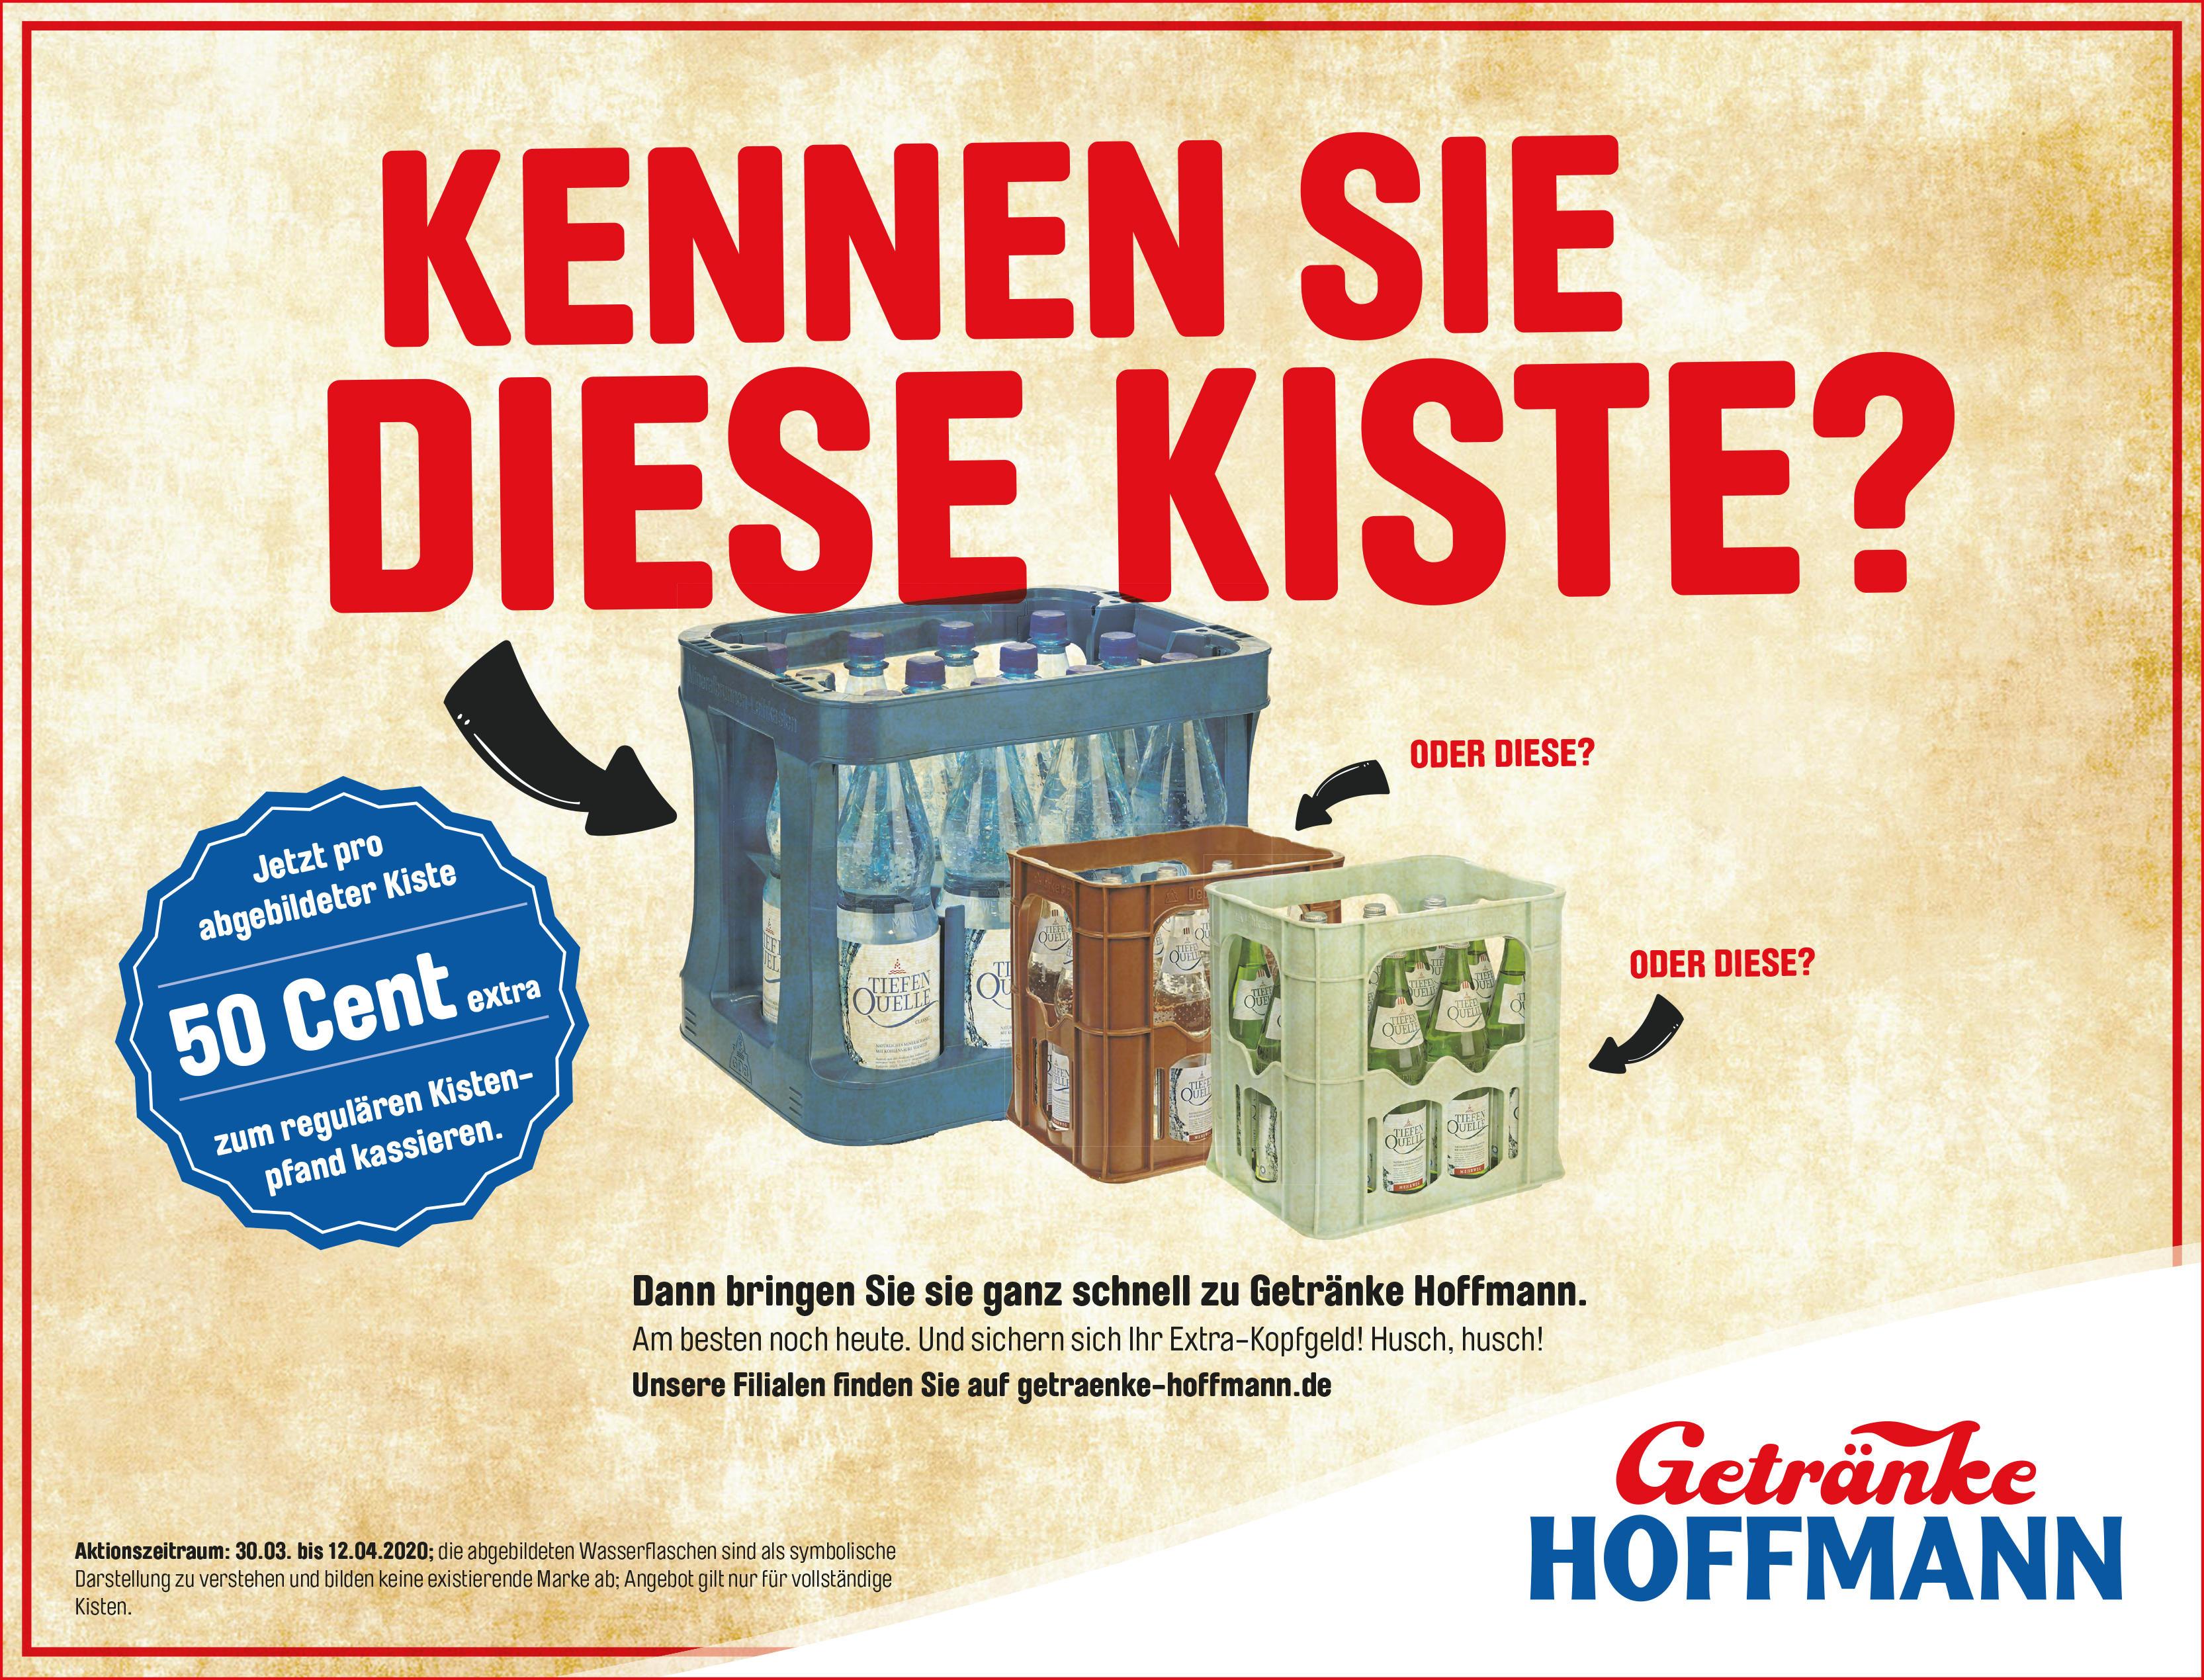 Getränke Hoffmann 14547 Beelitz öffnungszeiten Adresse Telefon